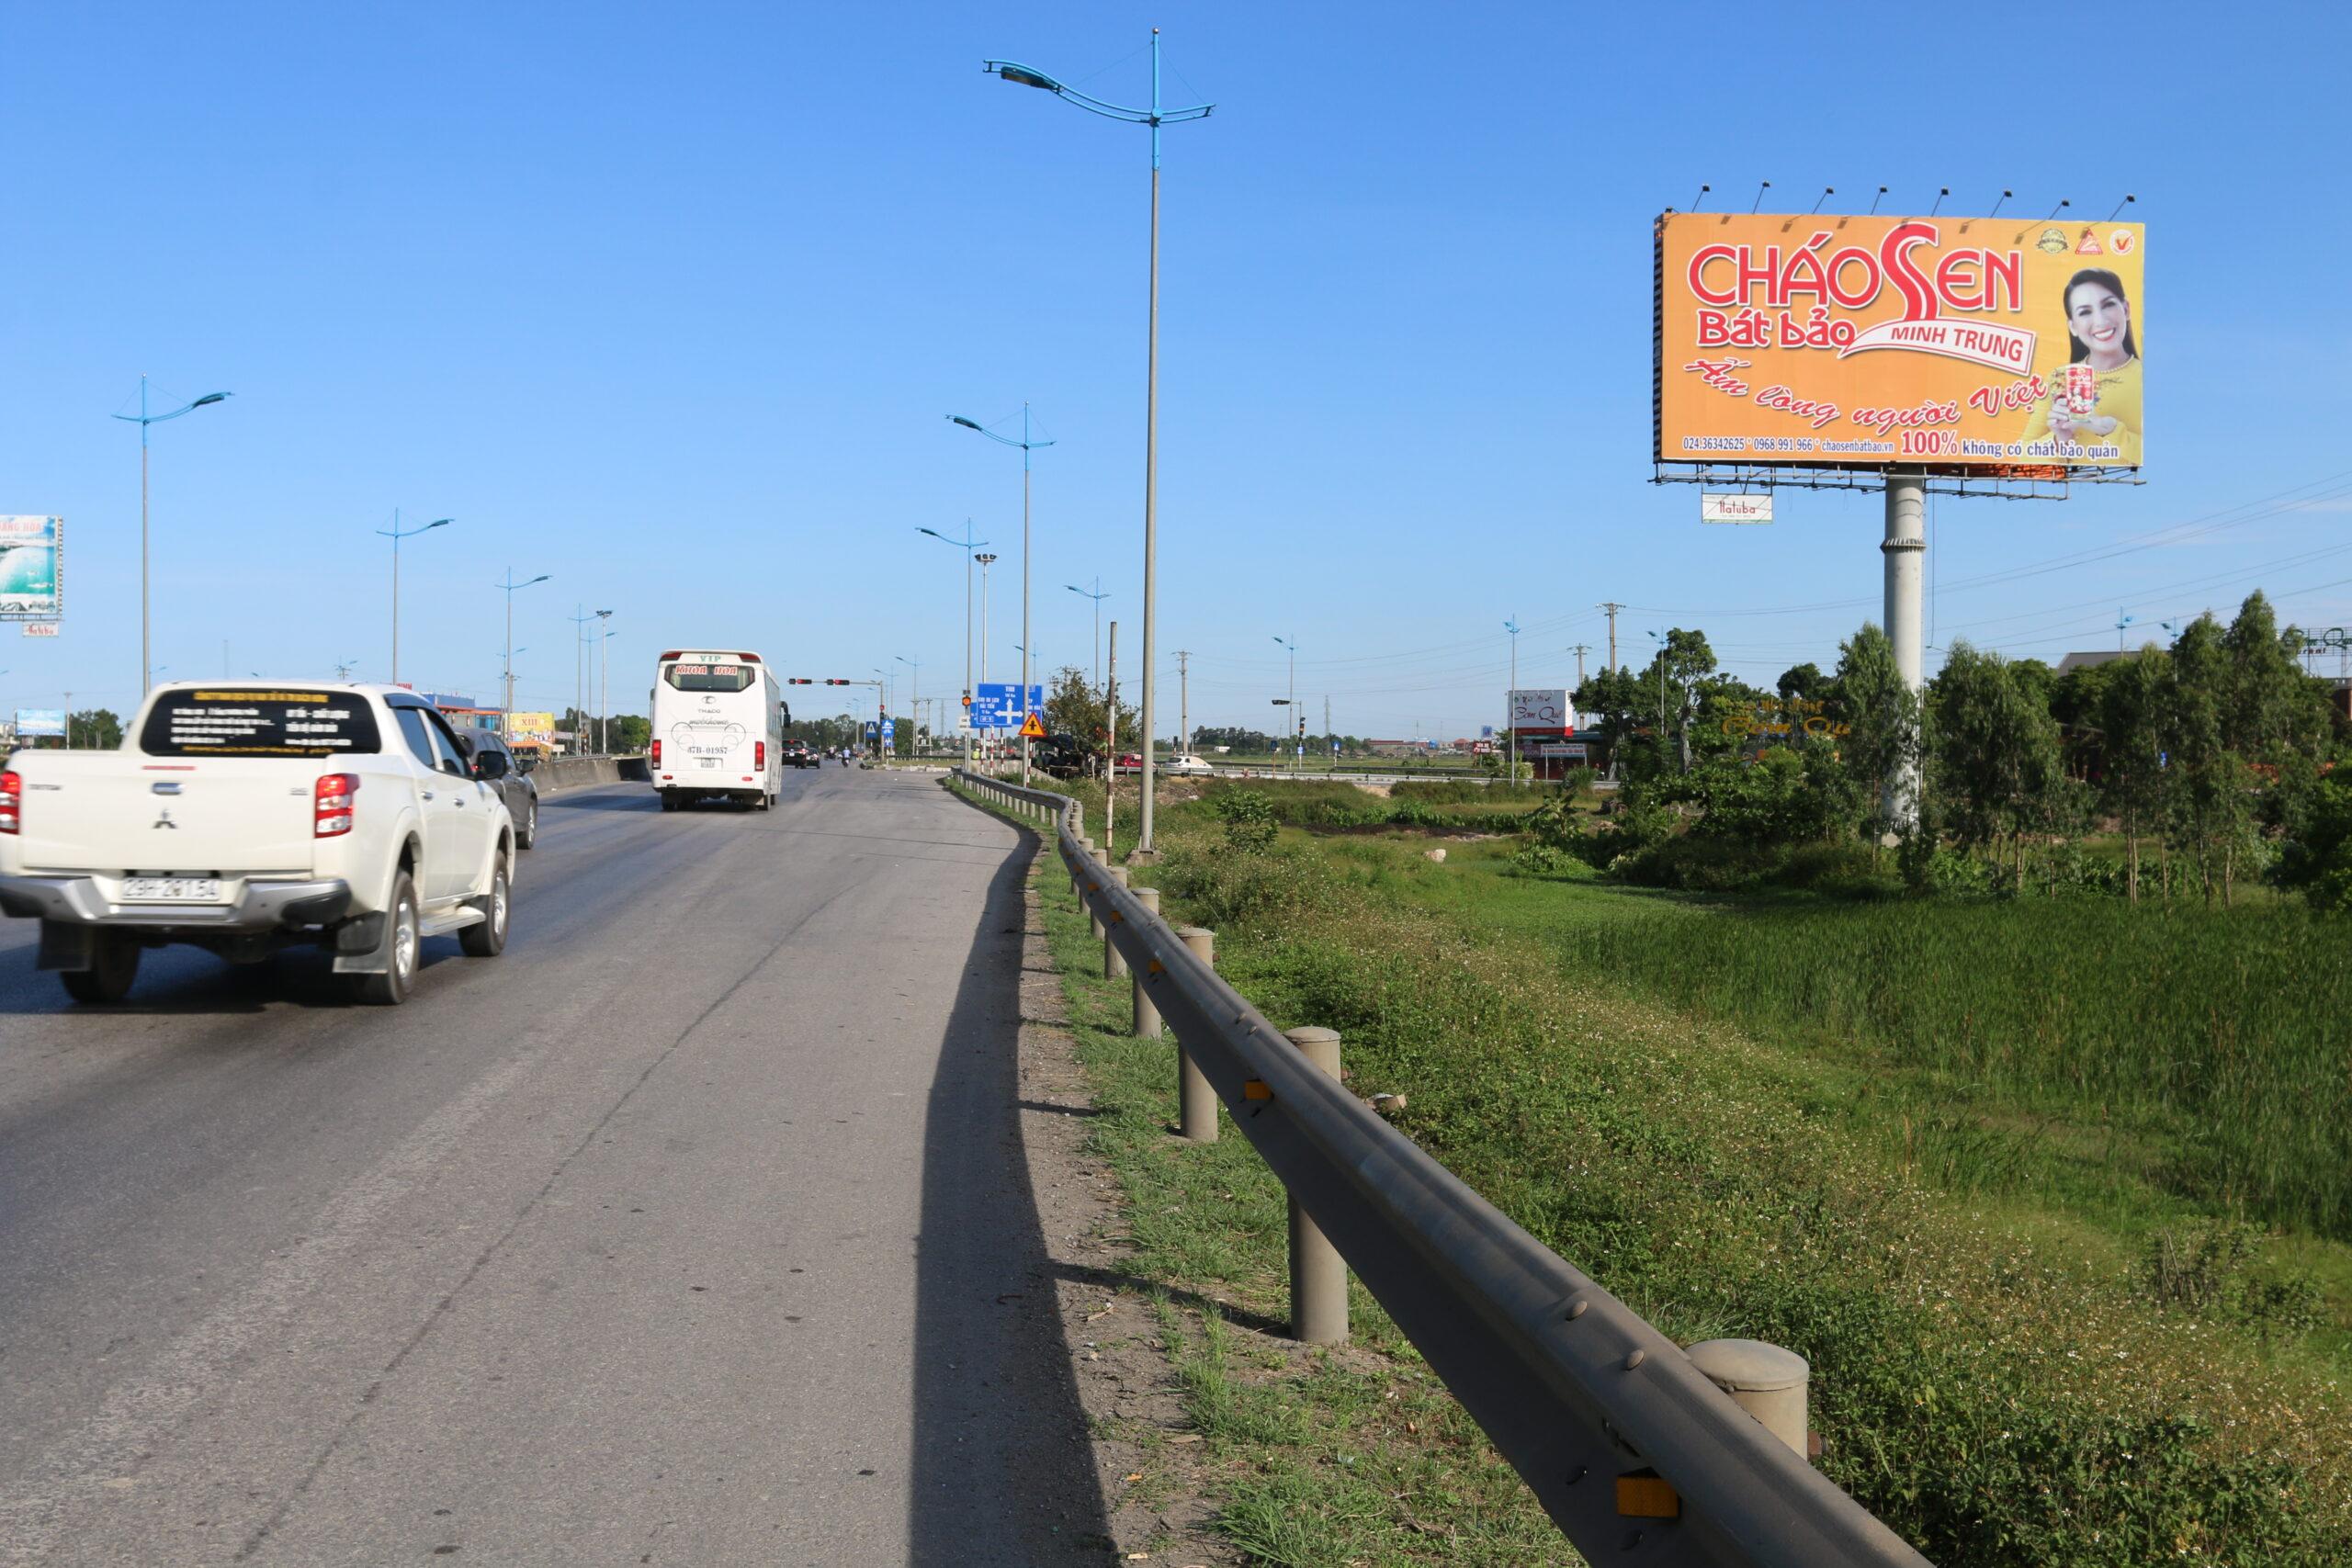 Quảng cáo trên billboard có chi phí cao